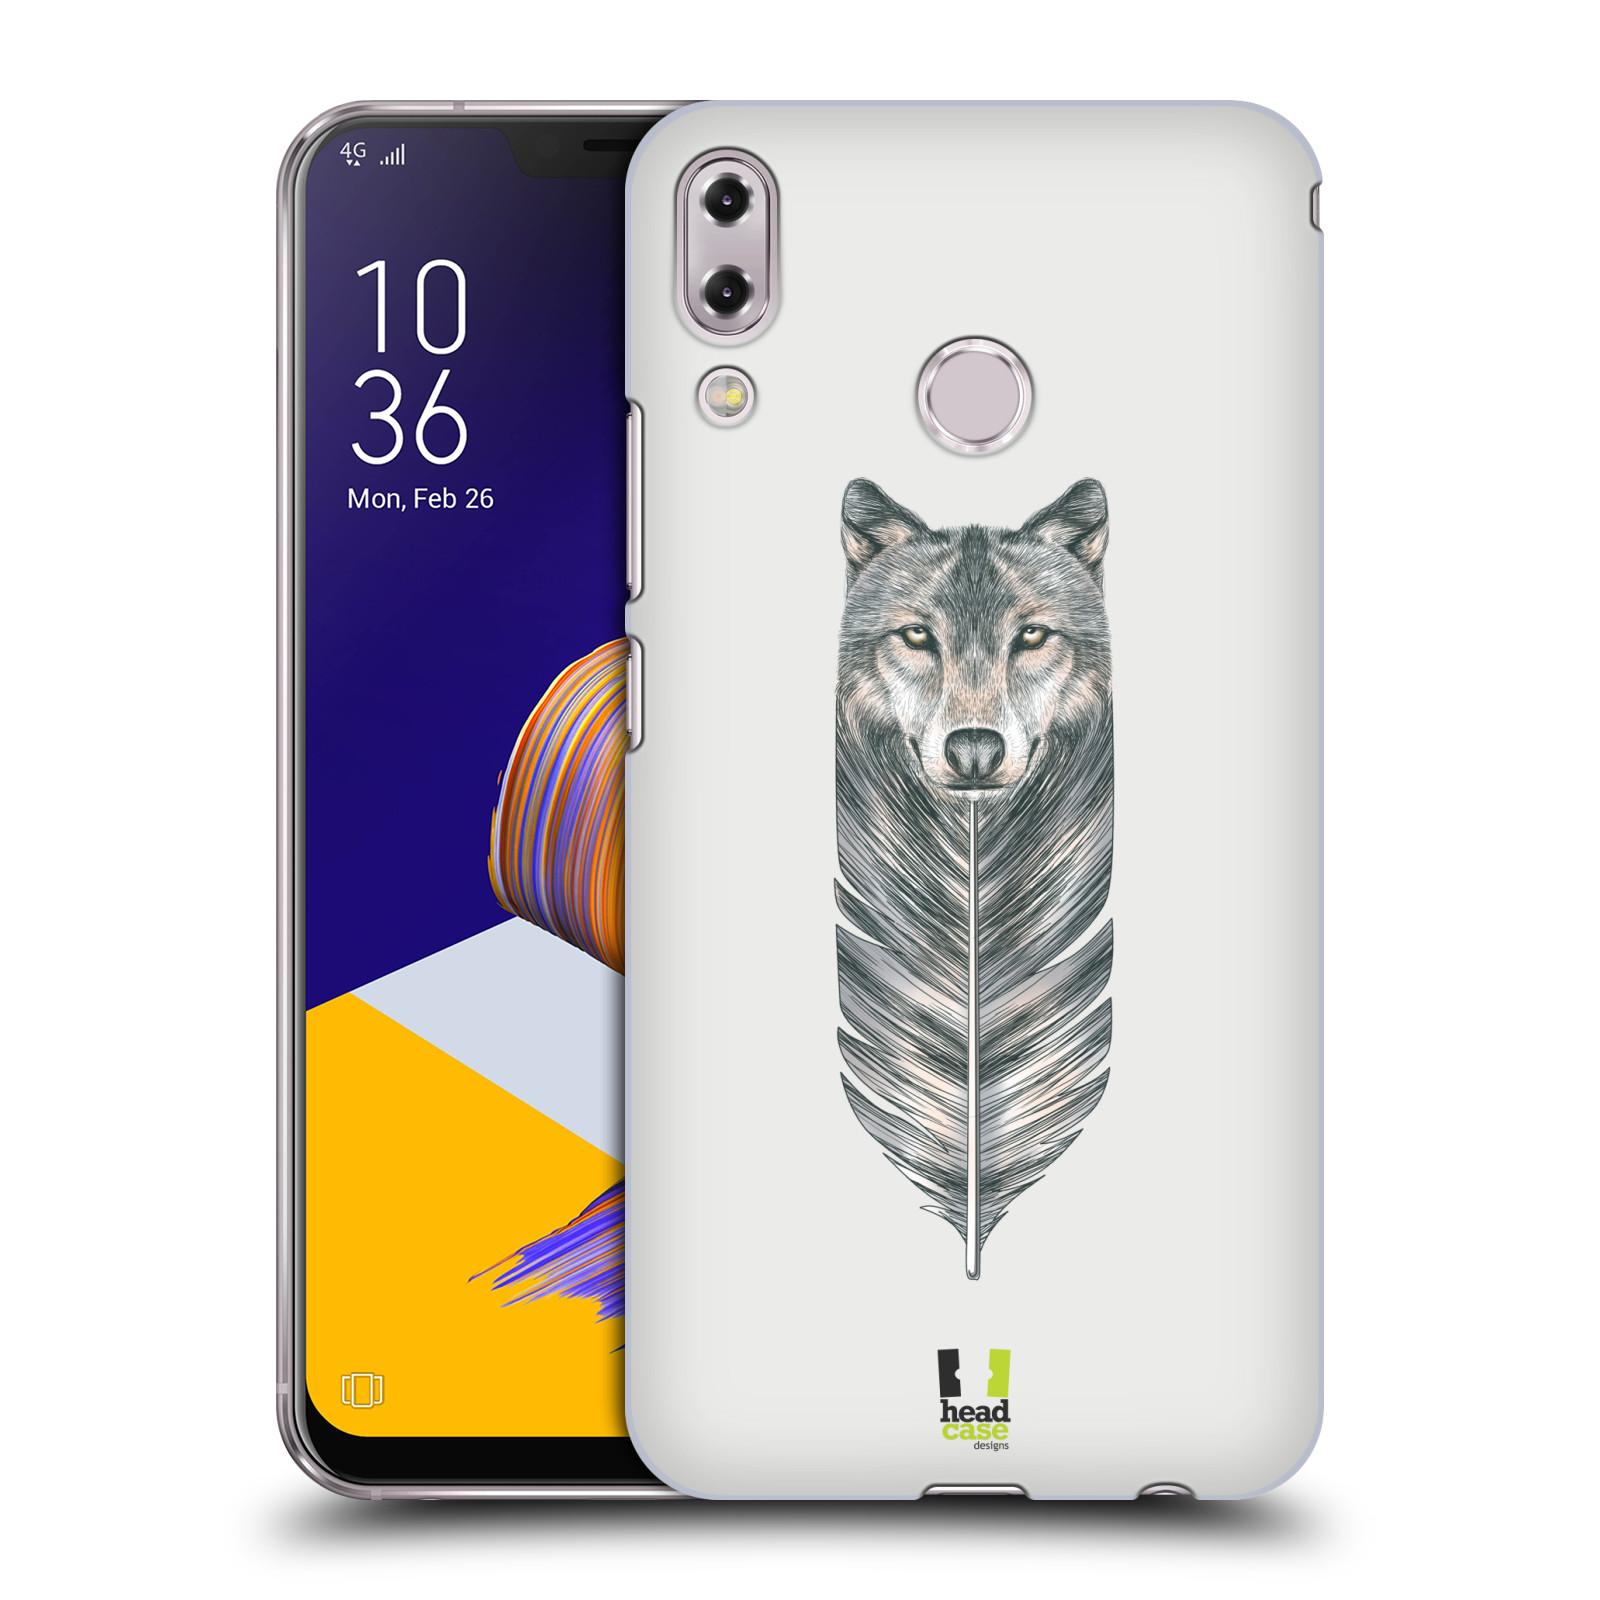 Plastové pouzdro na mobil Asus Zenfone 5z ZS620KL - Head Case - PÍRKO VLK (Plastový kryt či obal na mobilní telefon Asus Zenfone 5z (ZS620KL) s motivem PÍRKO VLK)